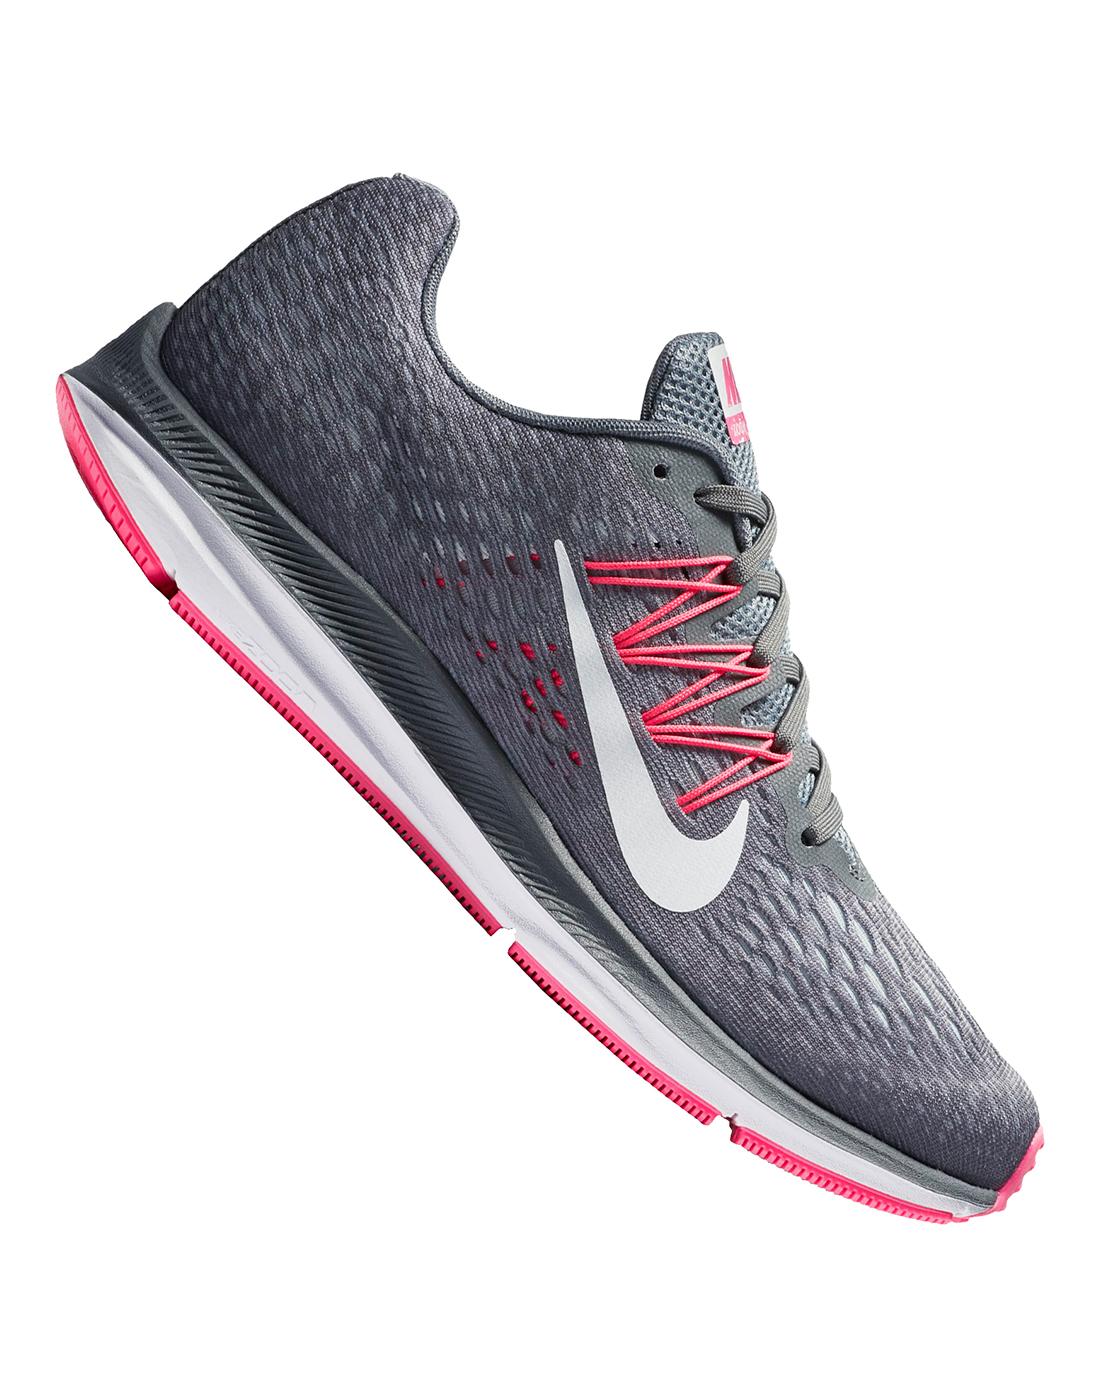 318fd669554e4 Nike Womens Air Zoom Winflo 5